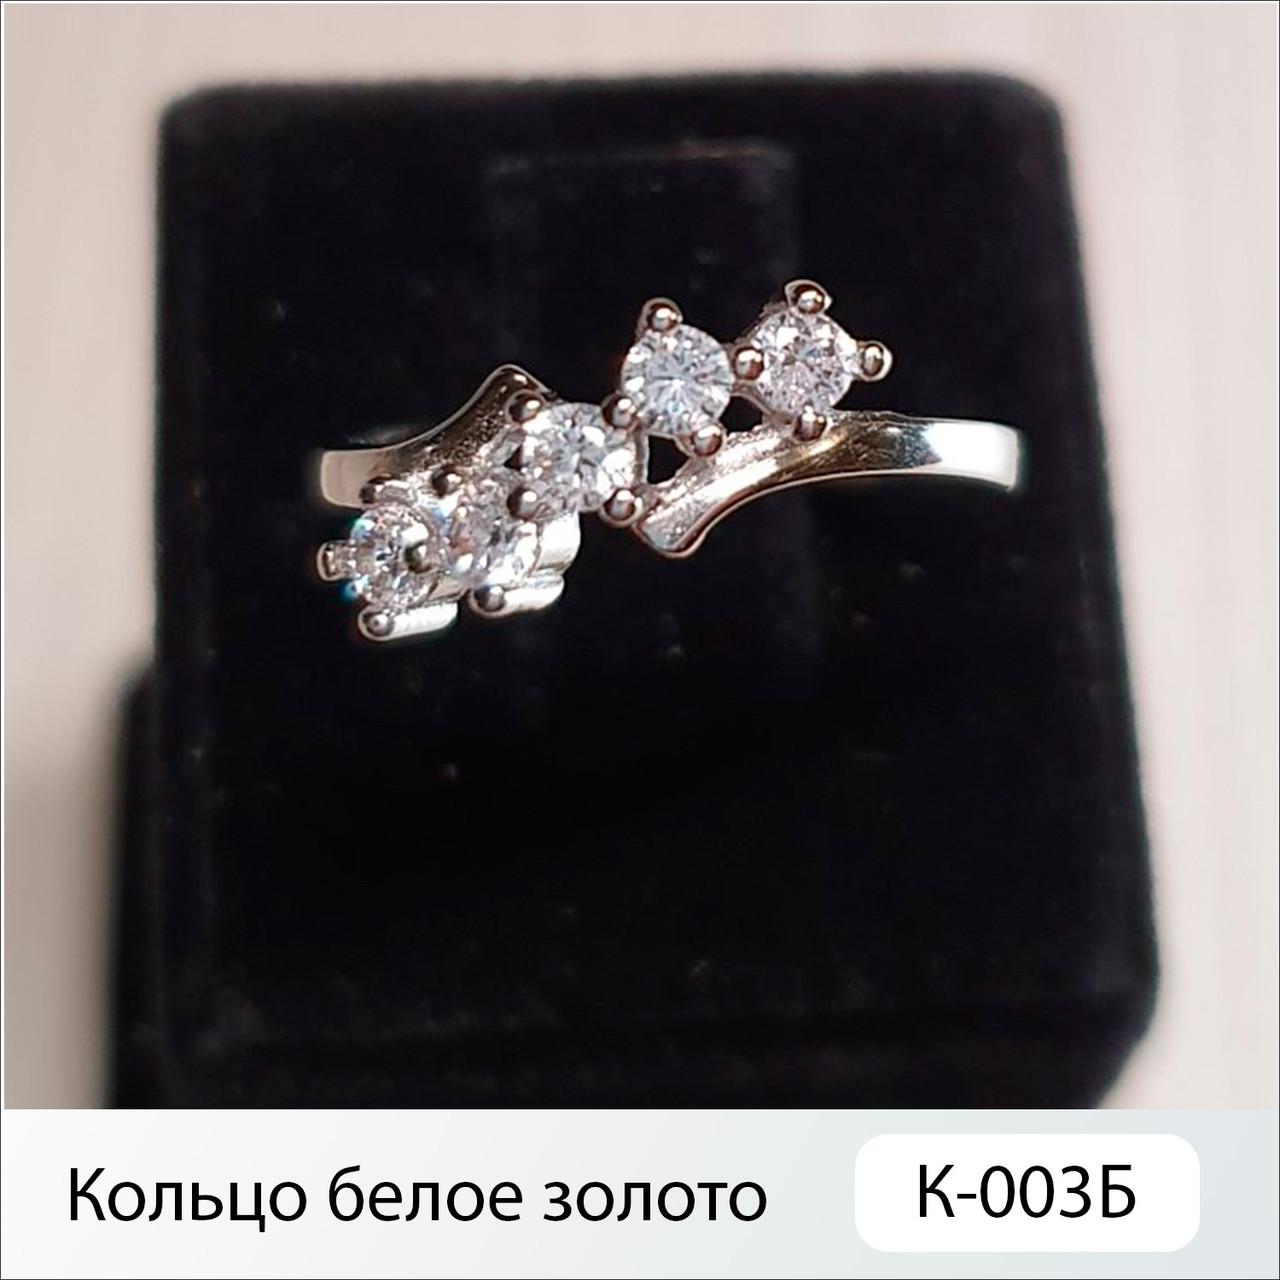 Біле золото кільце К-003Б